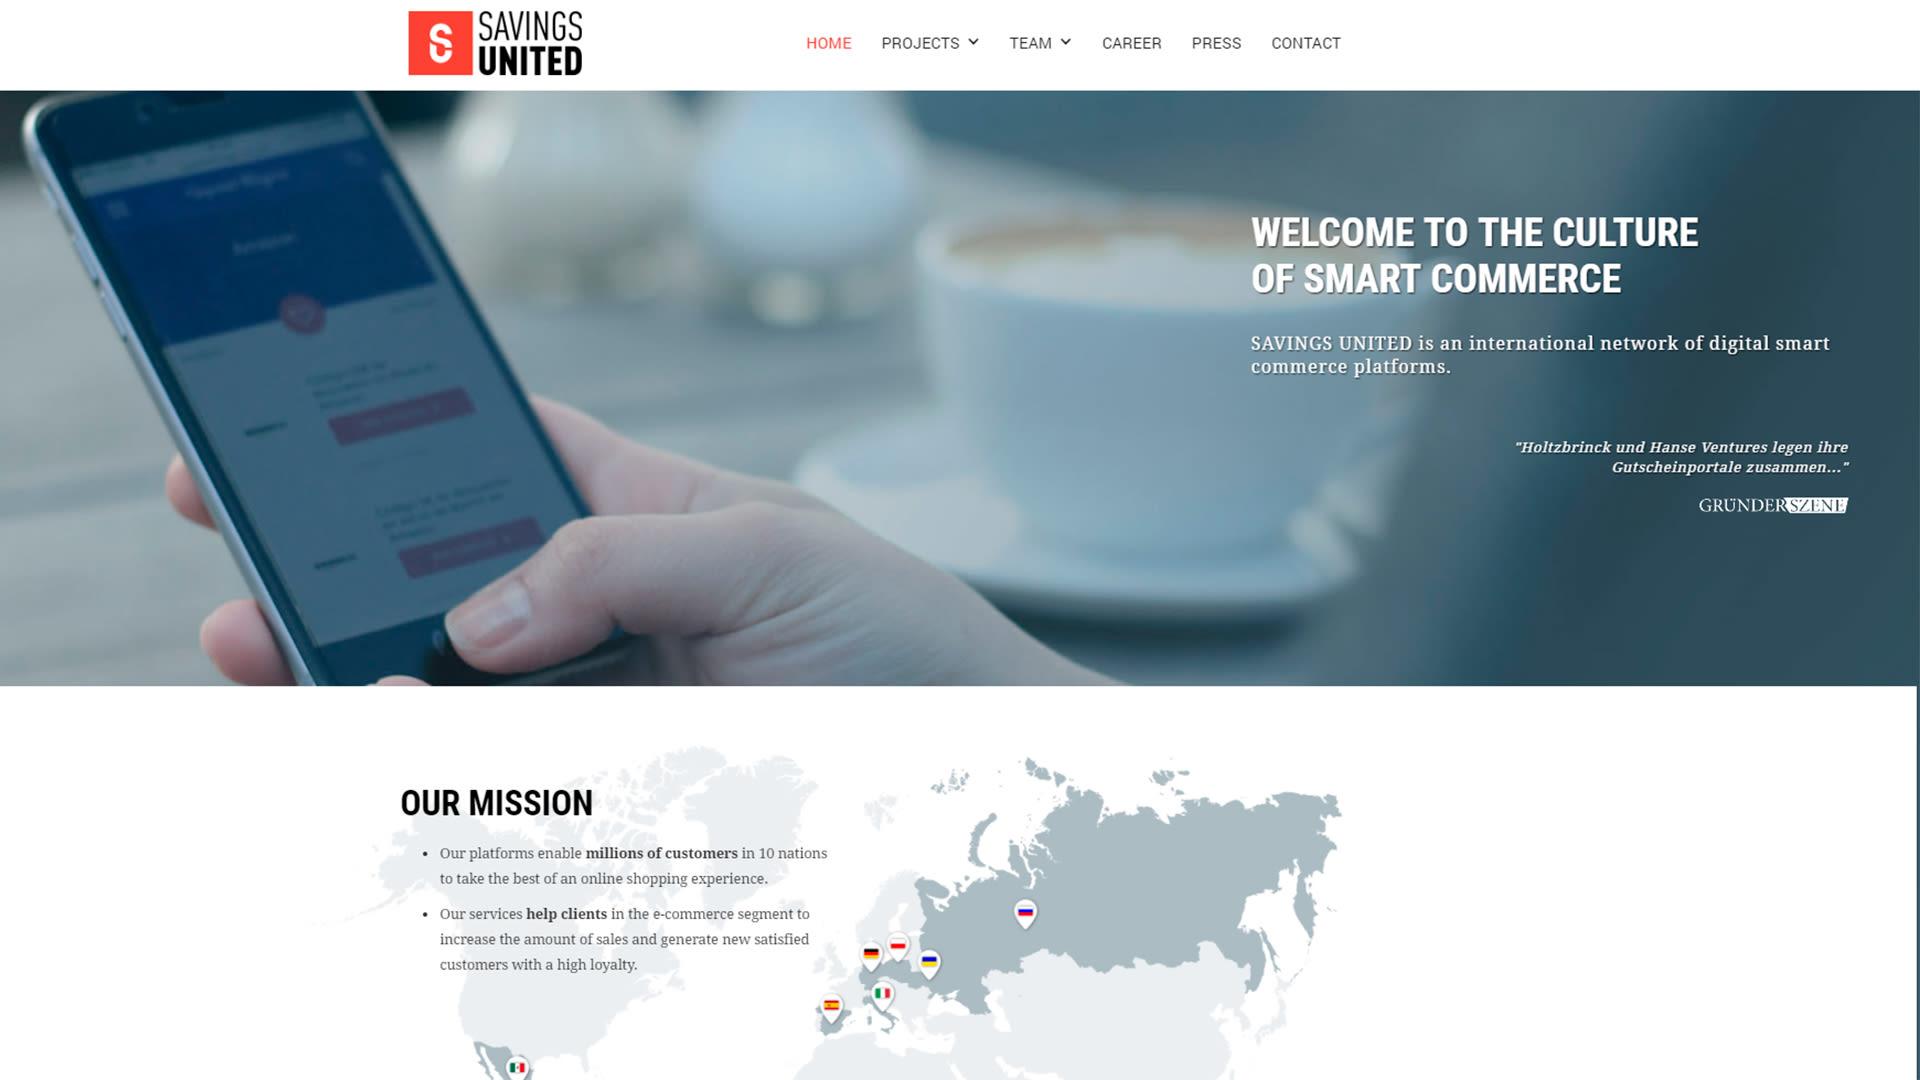 Wywiad z Panayotis Nikolaidis CEO Savings United